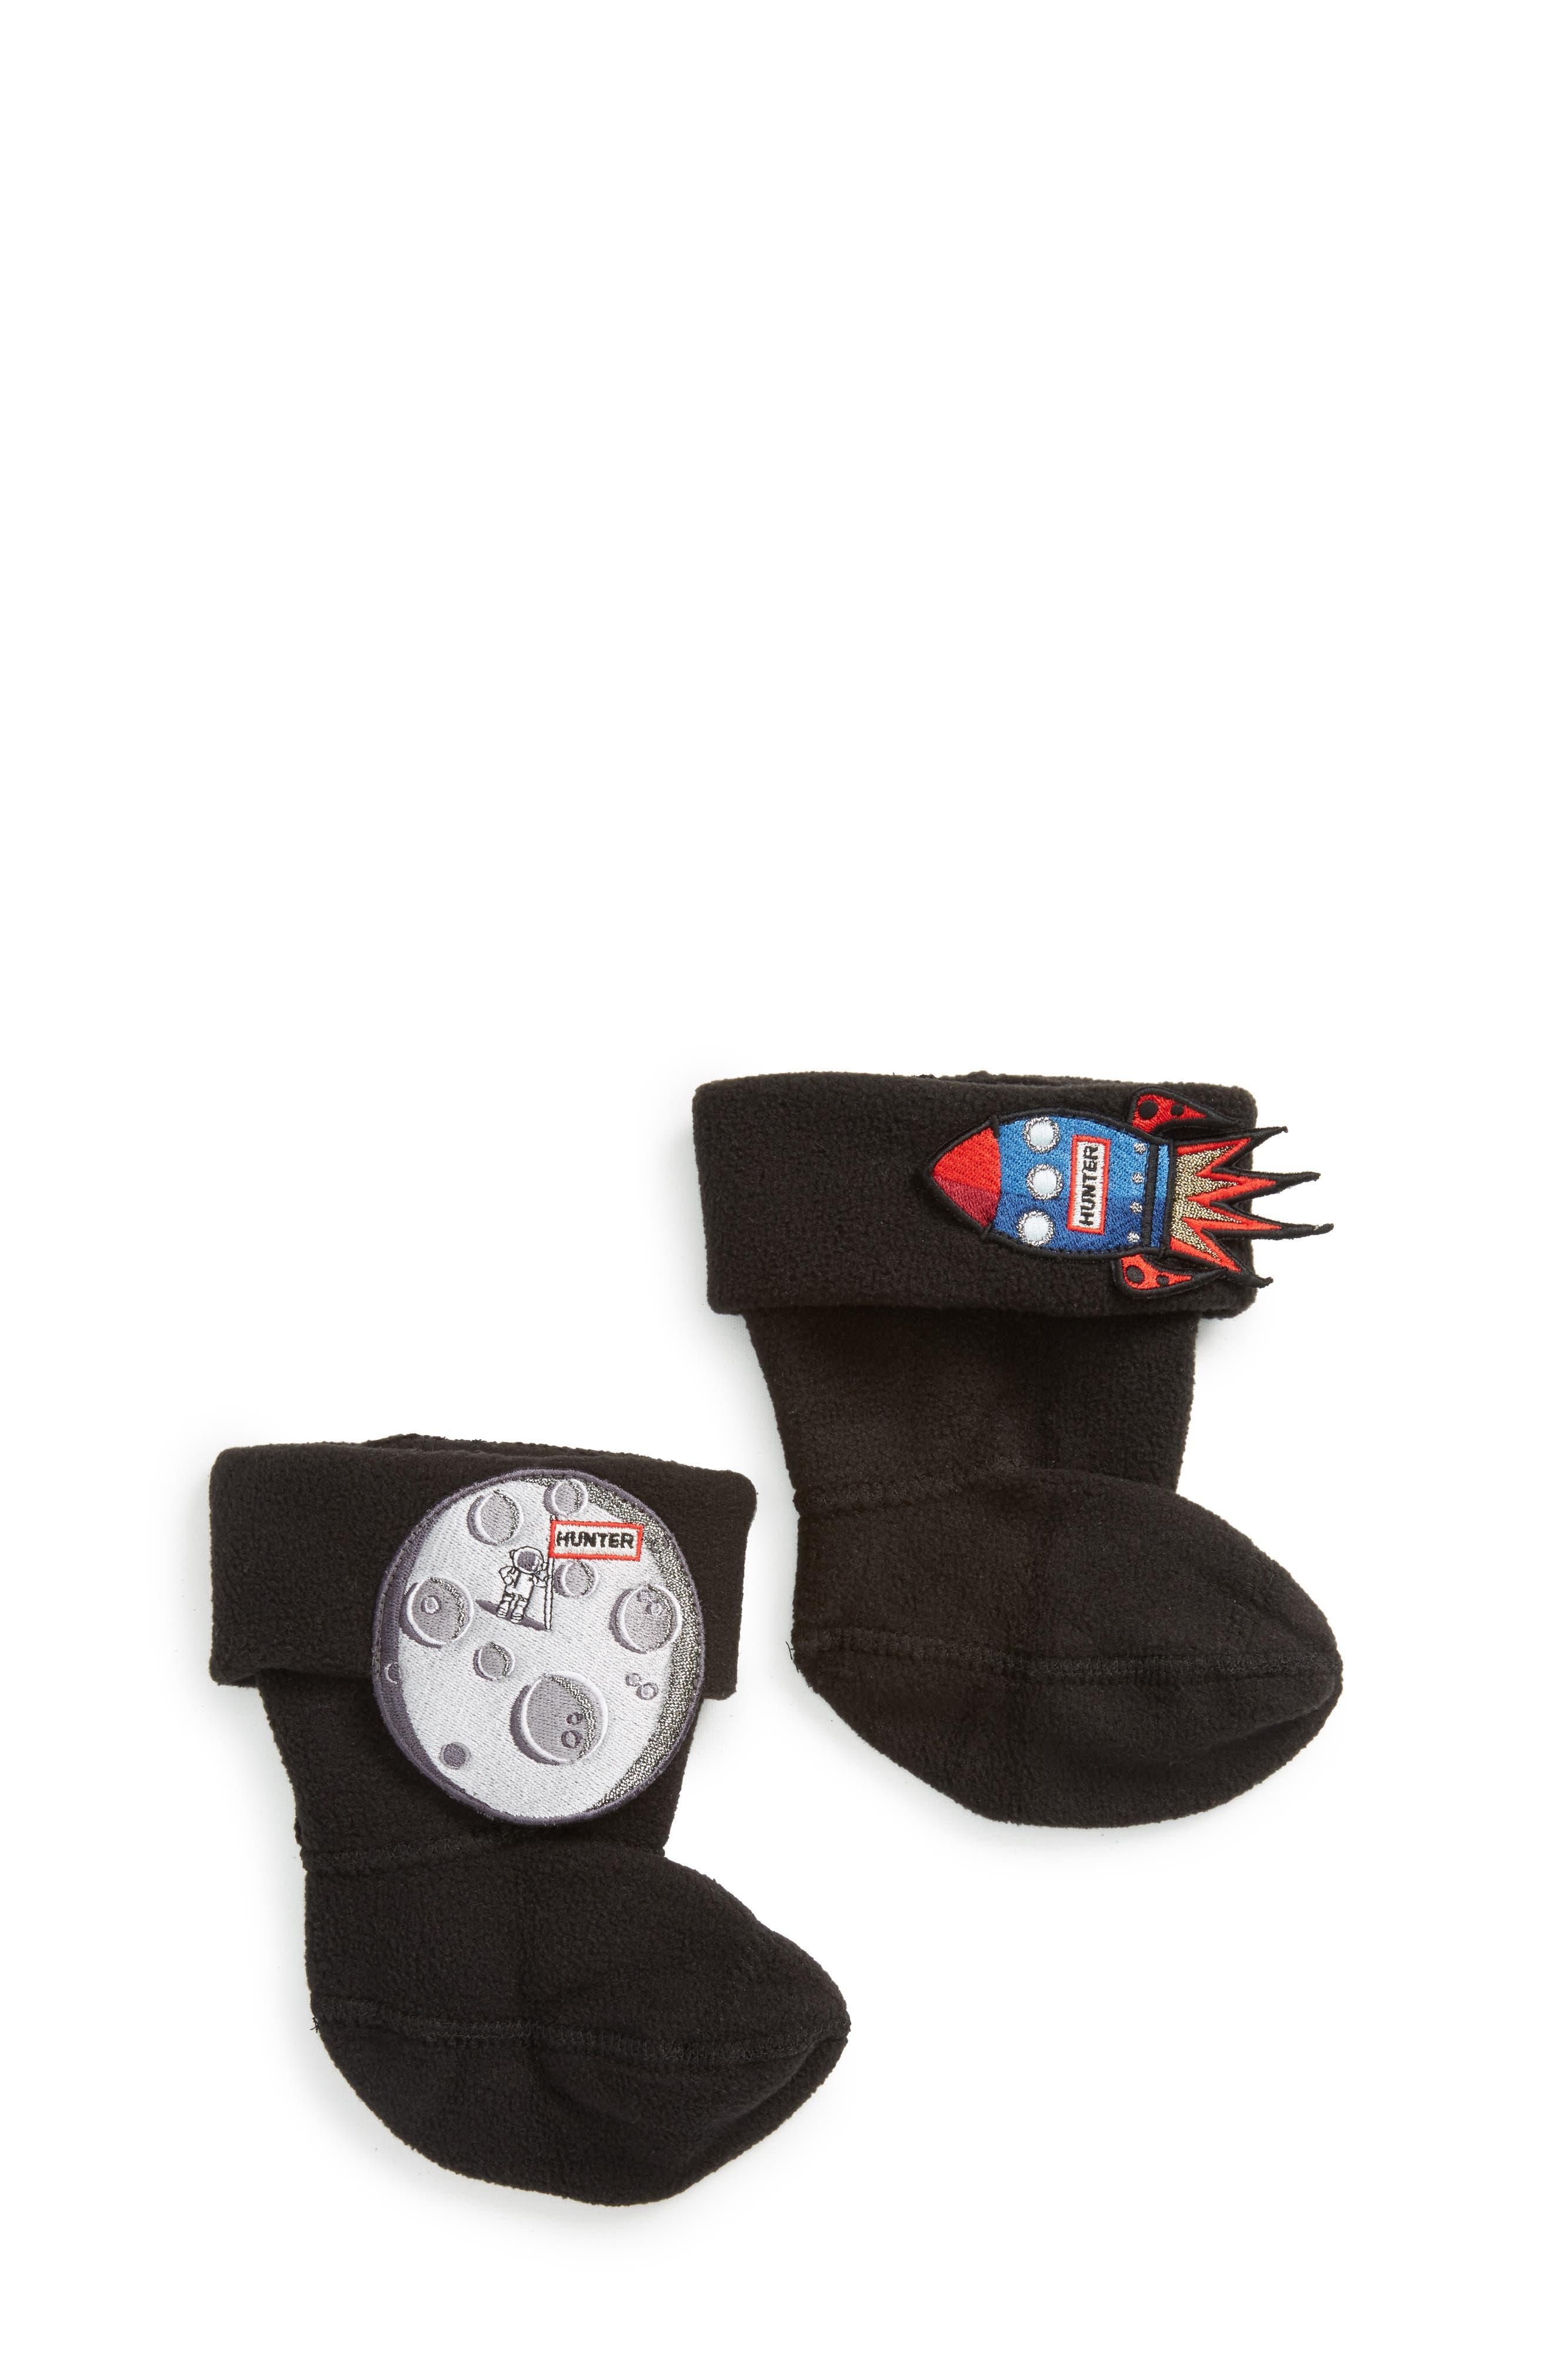 Spaceship/Moon Boot Socks,                             Main thumbnail 1, color,                             019